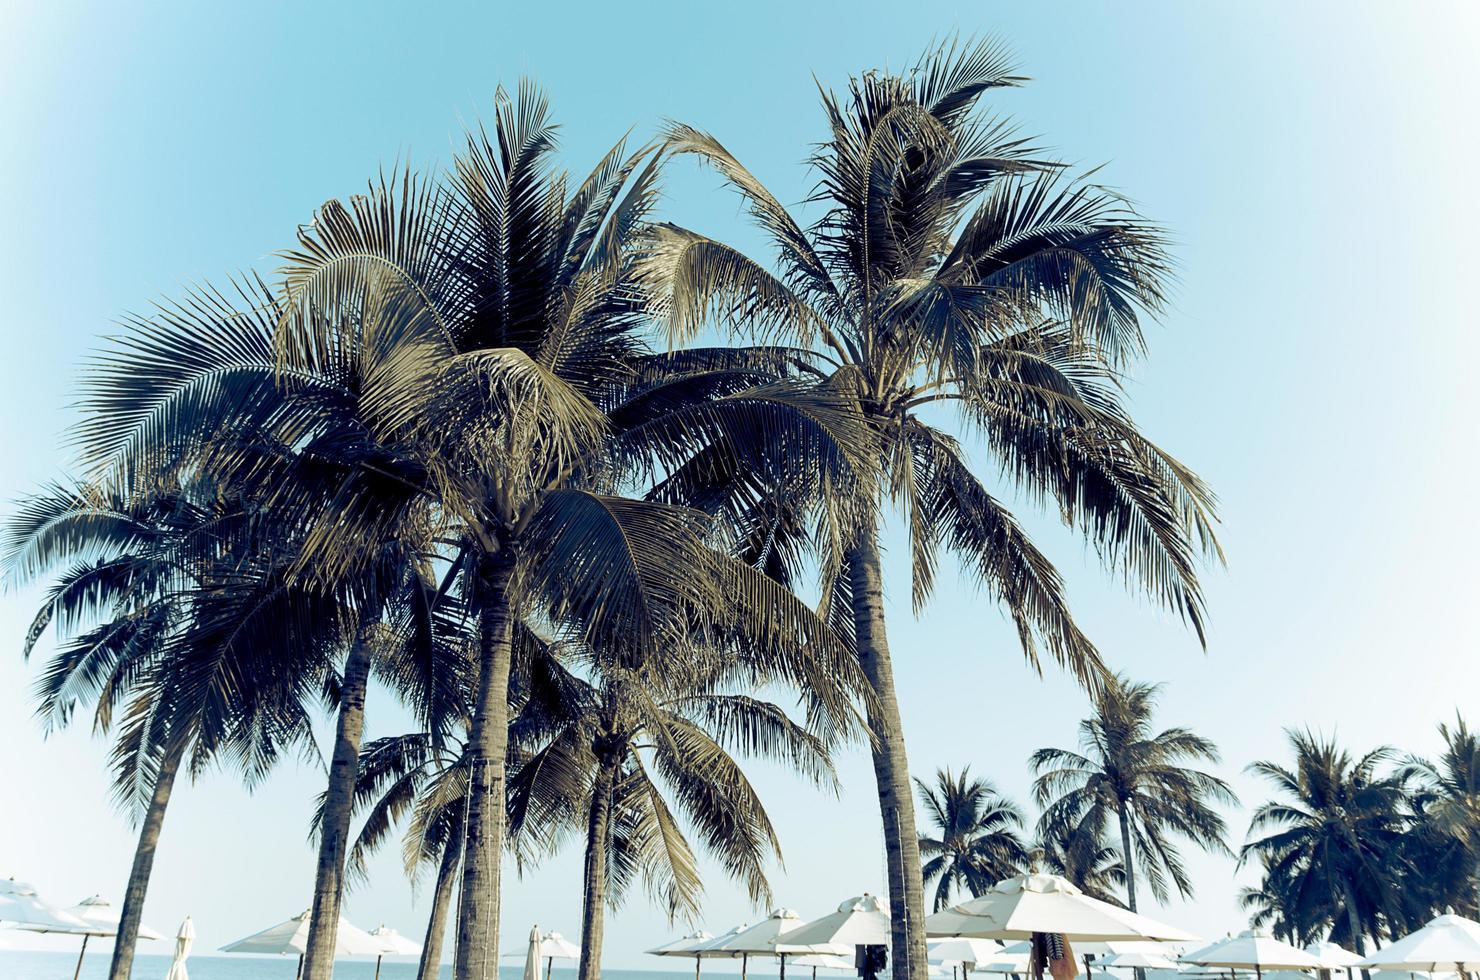 alte palme in un resort foto